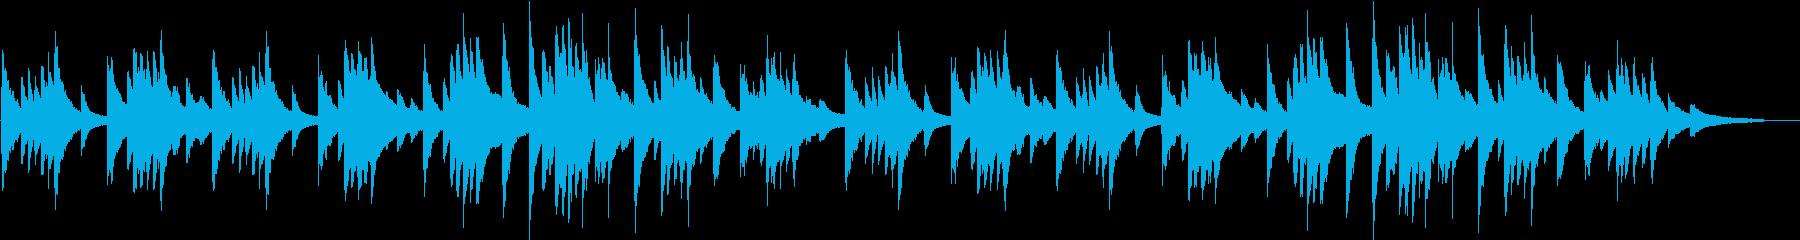 賛美歌・いつくしみ深きのピアノBGMの再生済みの波形